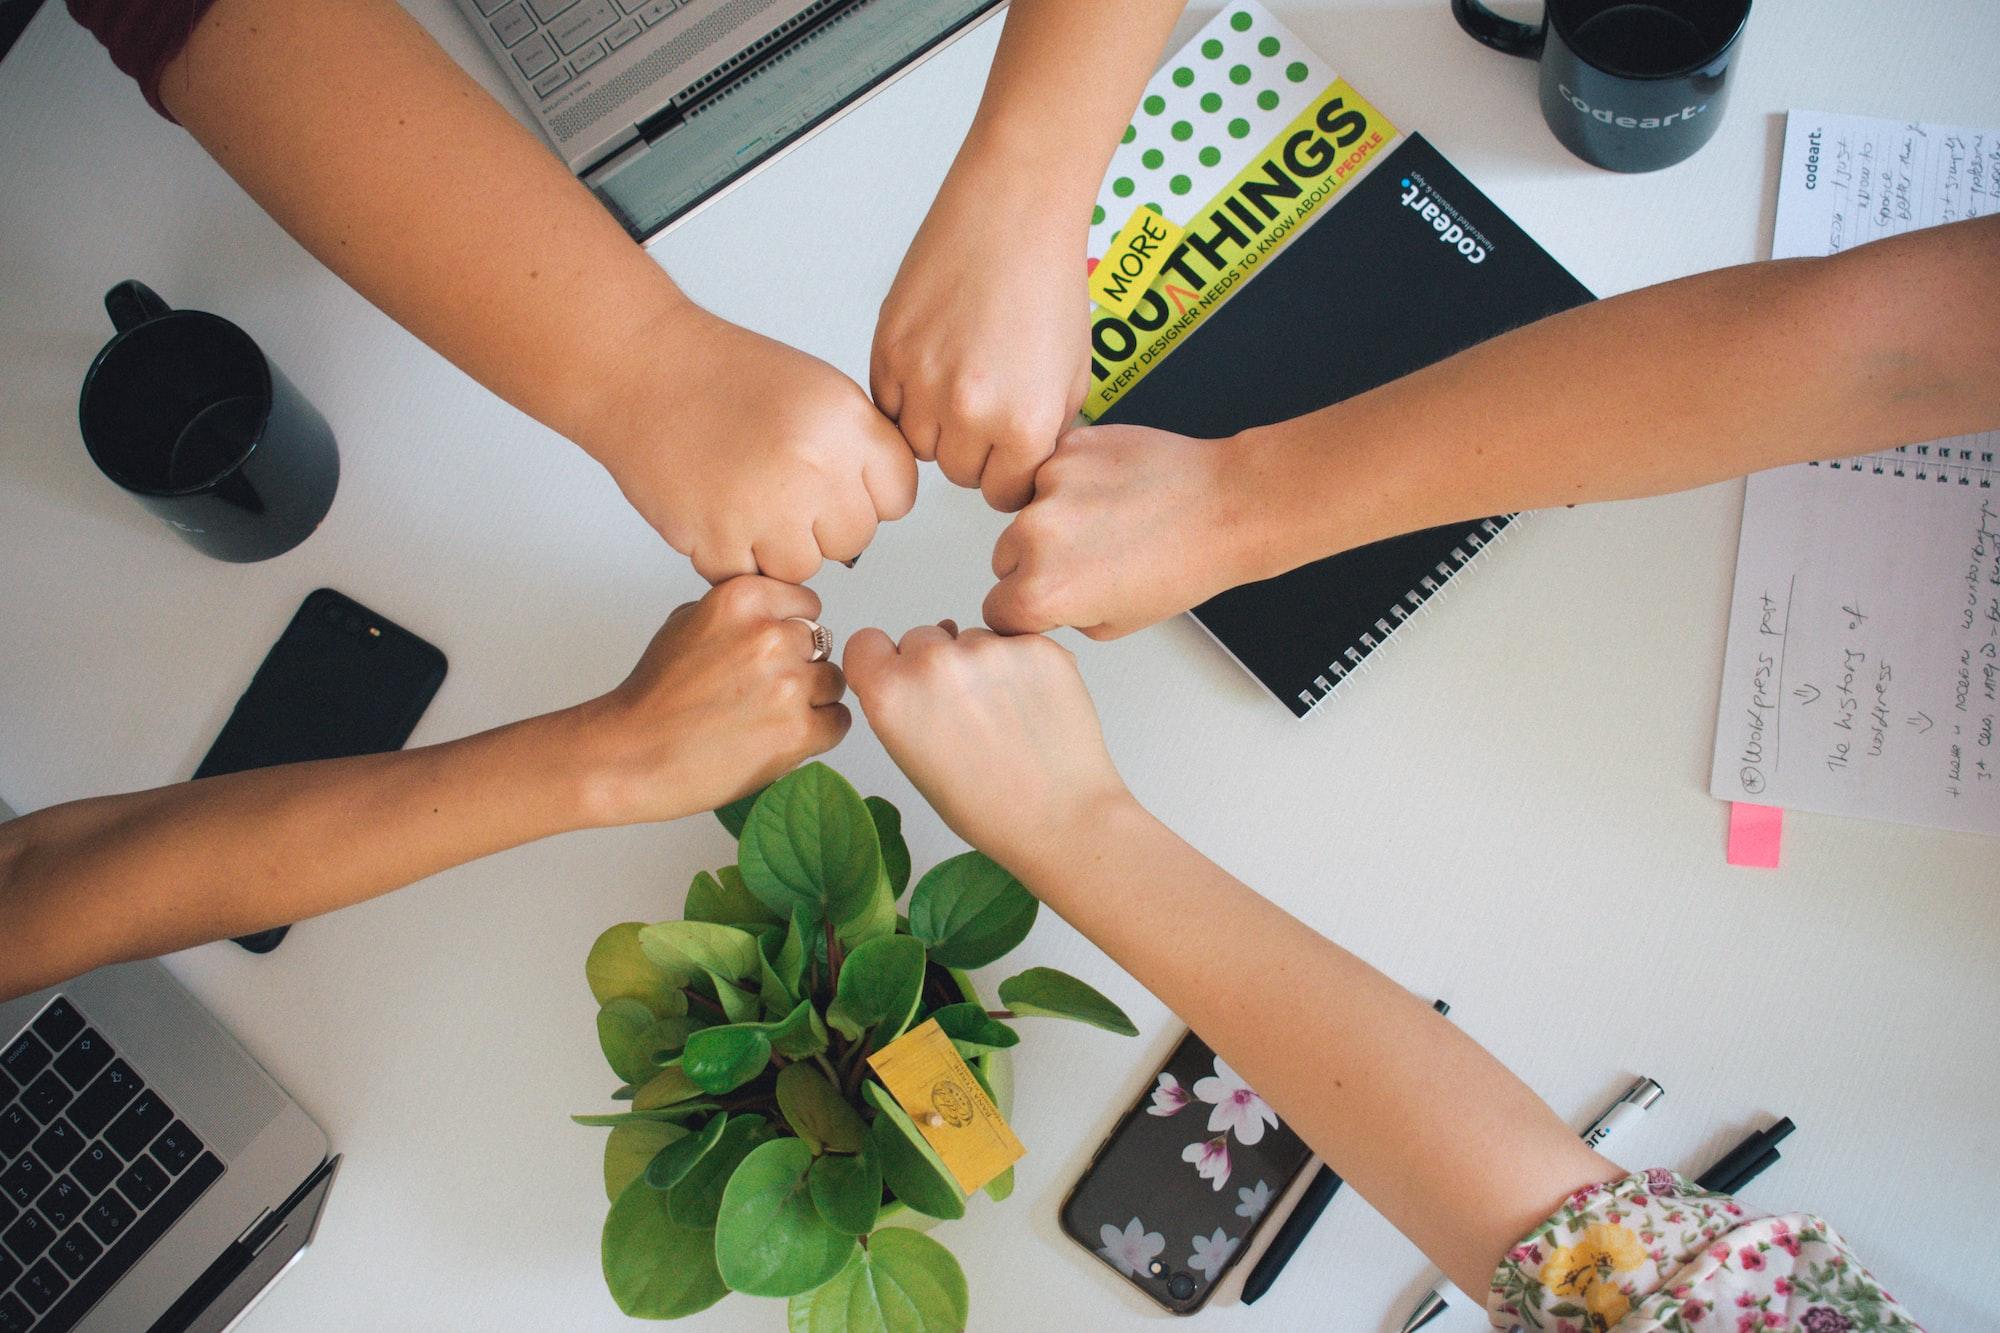 Teamwork, women's power!